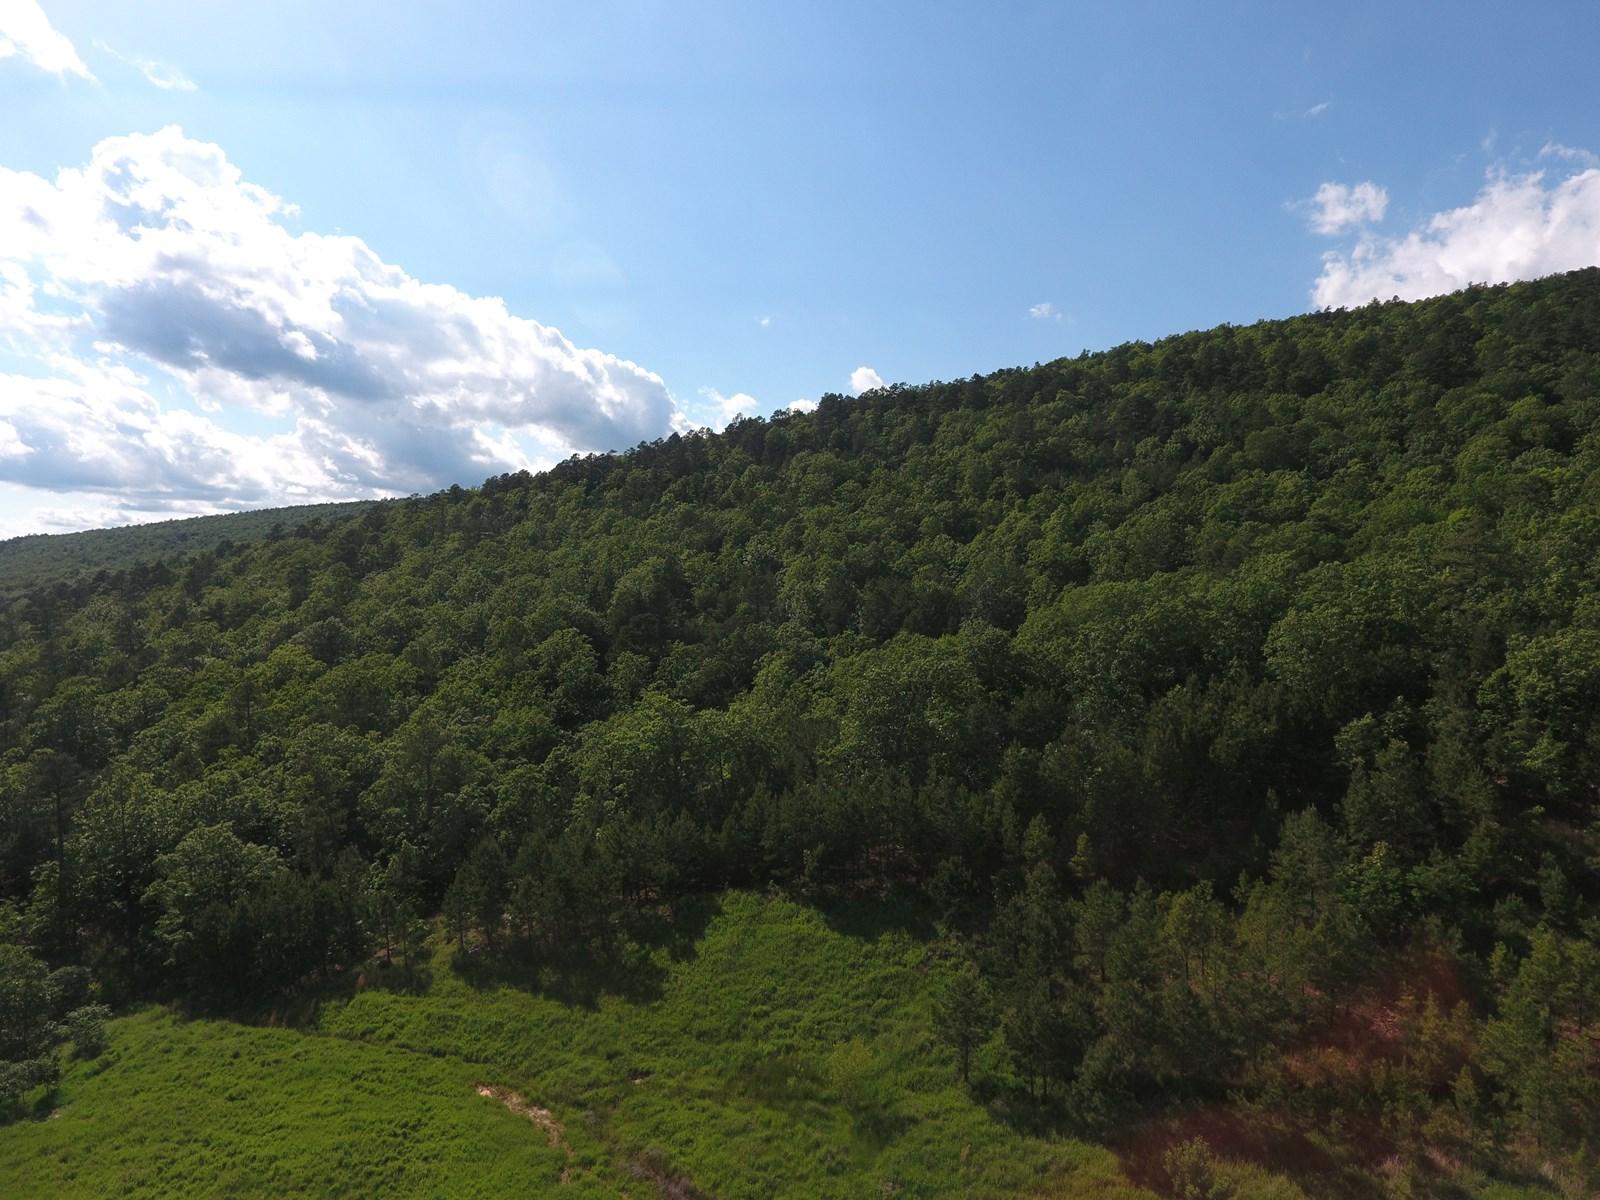 760 Acres, Mountain Land in SE OK